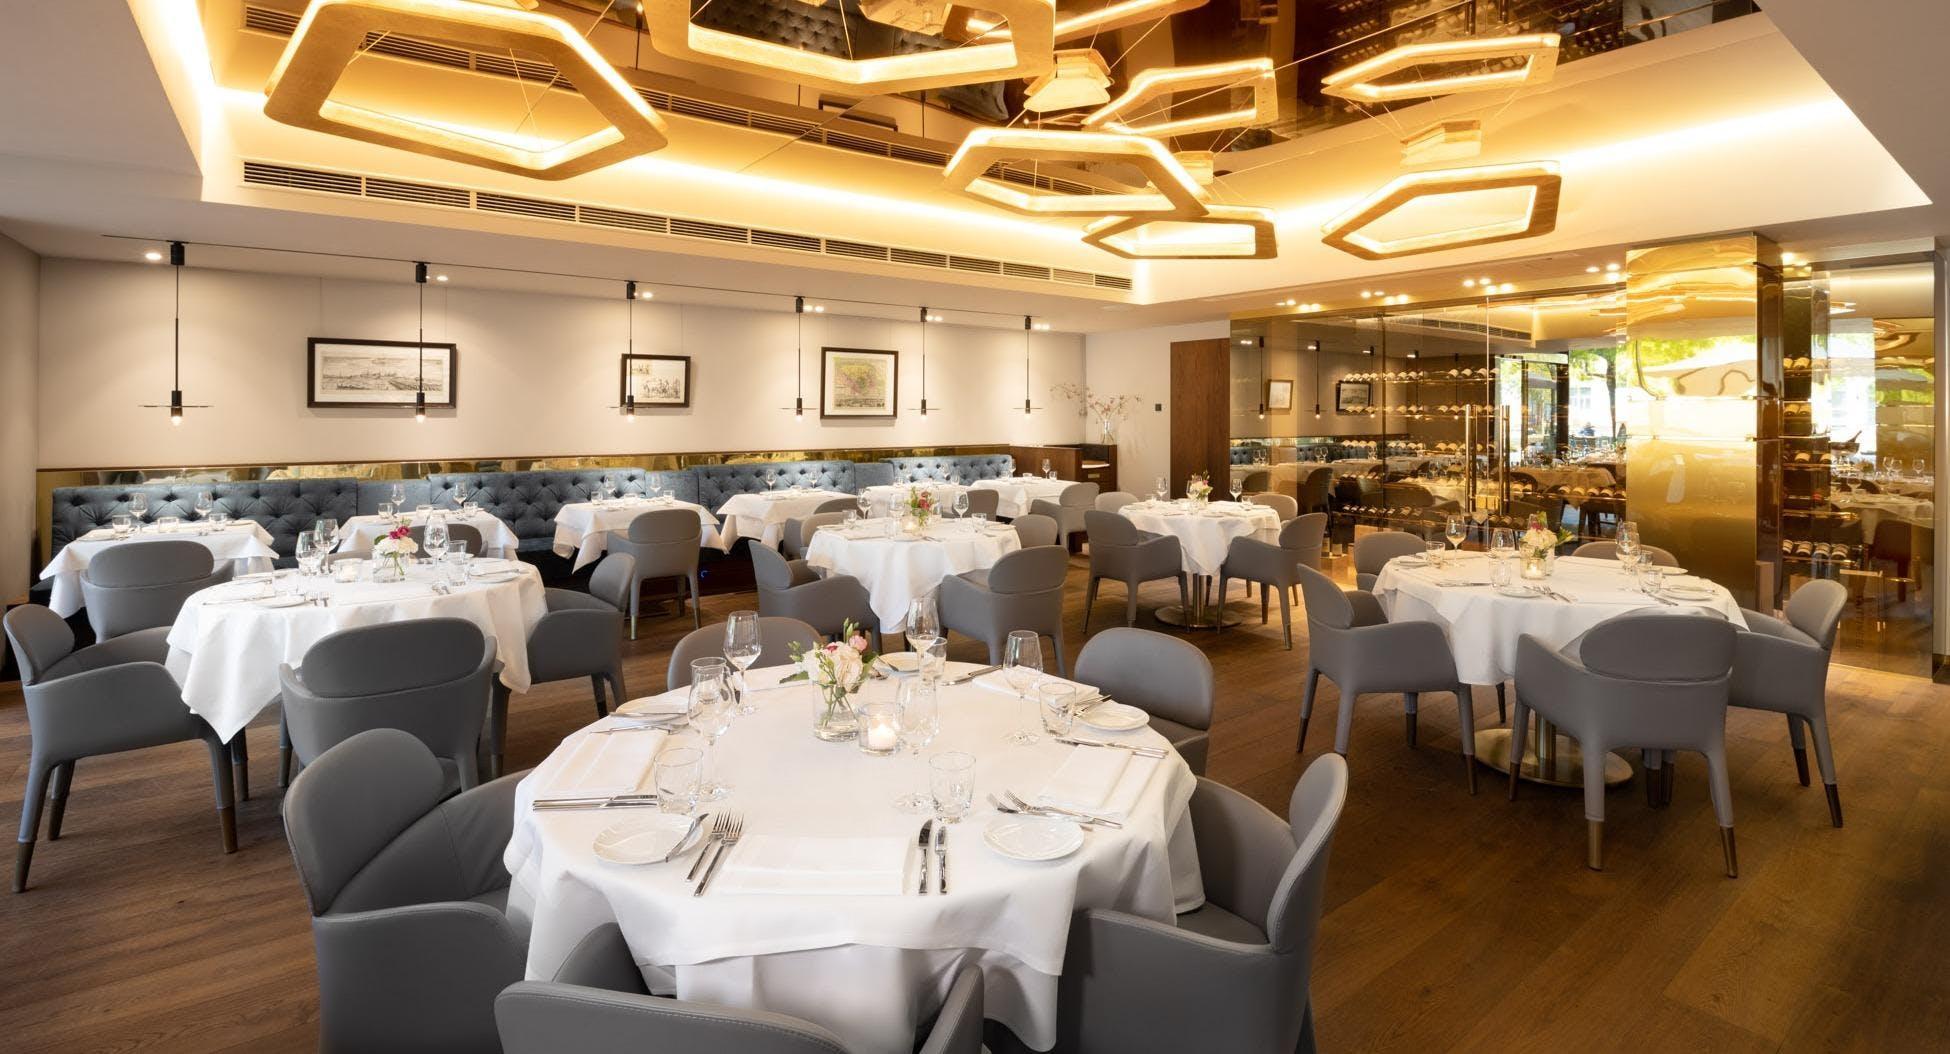 1687 Restaurant & Cafe Berlin image 2